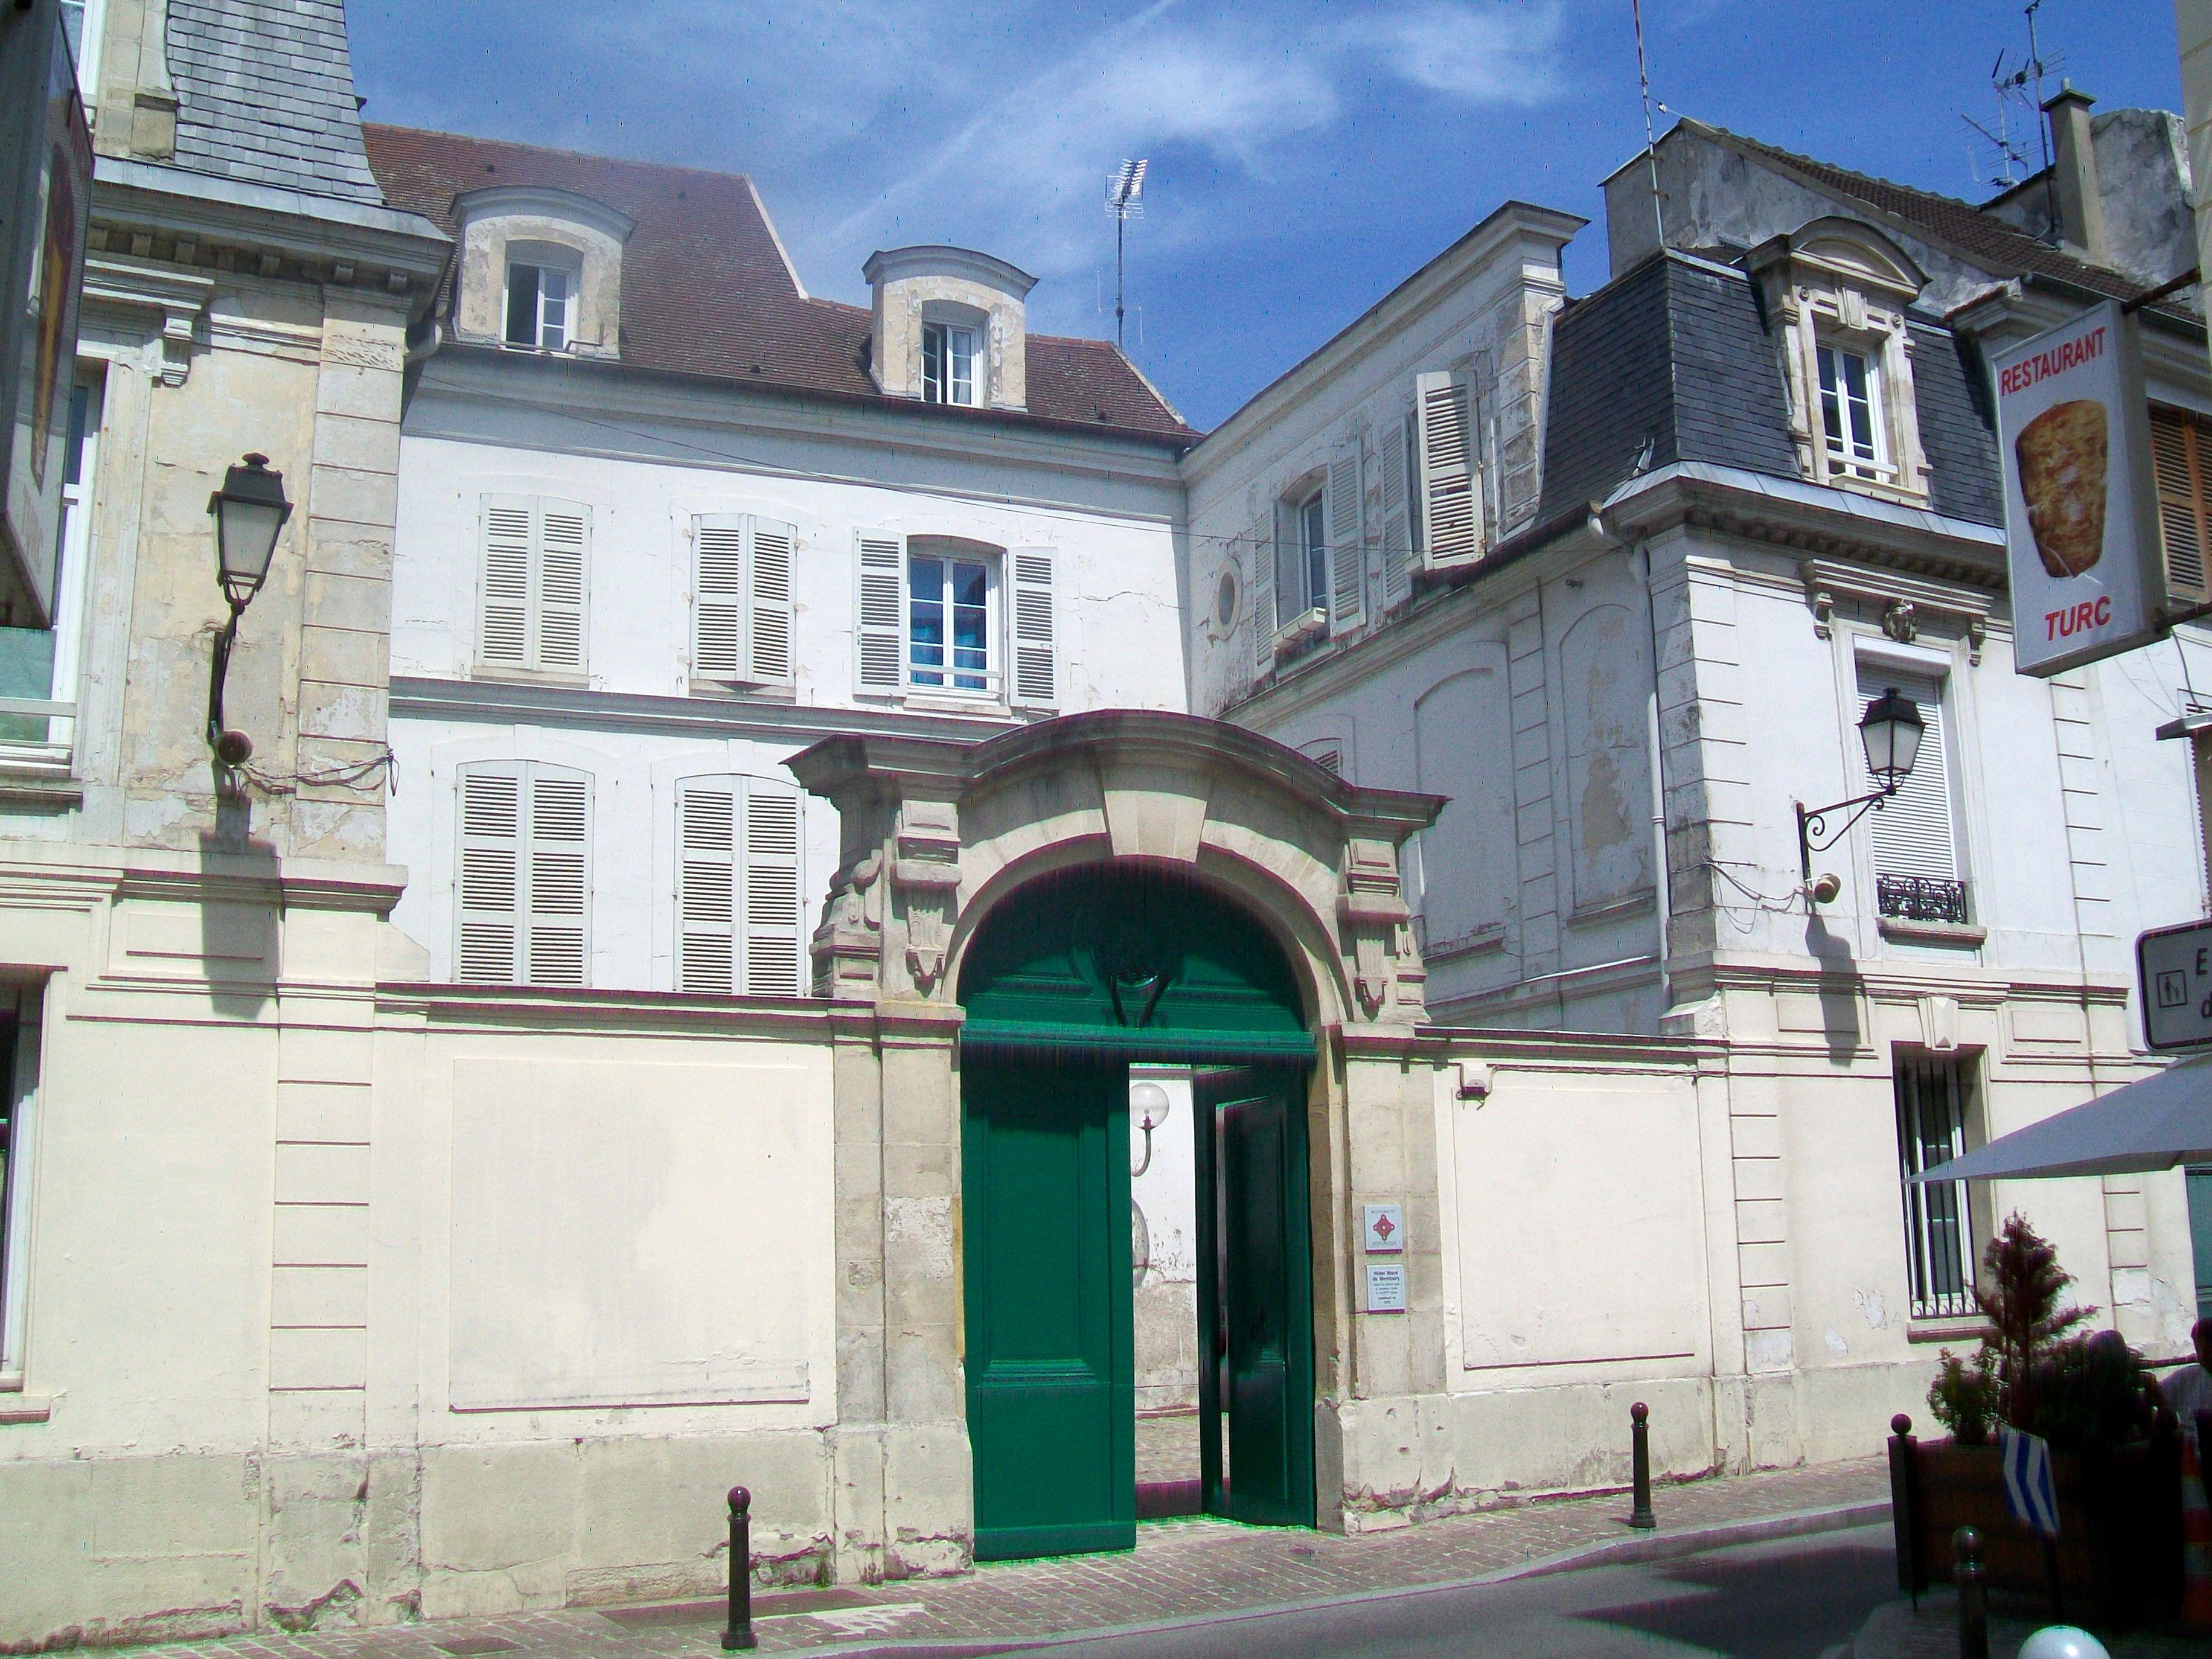 Fichier meaux 77 h tel mac de montoury 2 jpg wikip dia for Garage rue de meaux vaujours